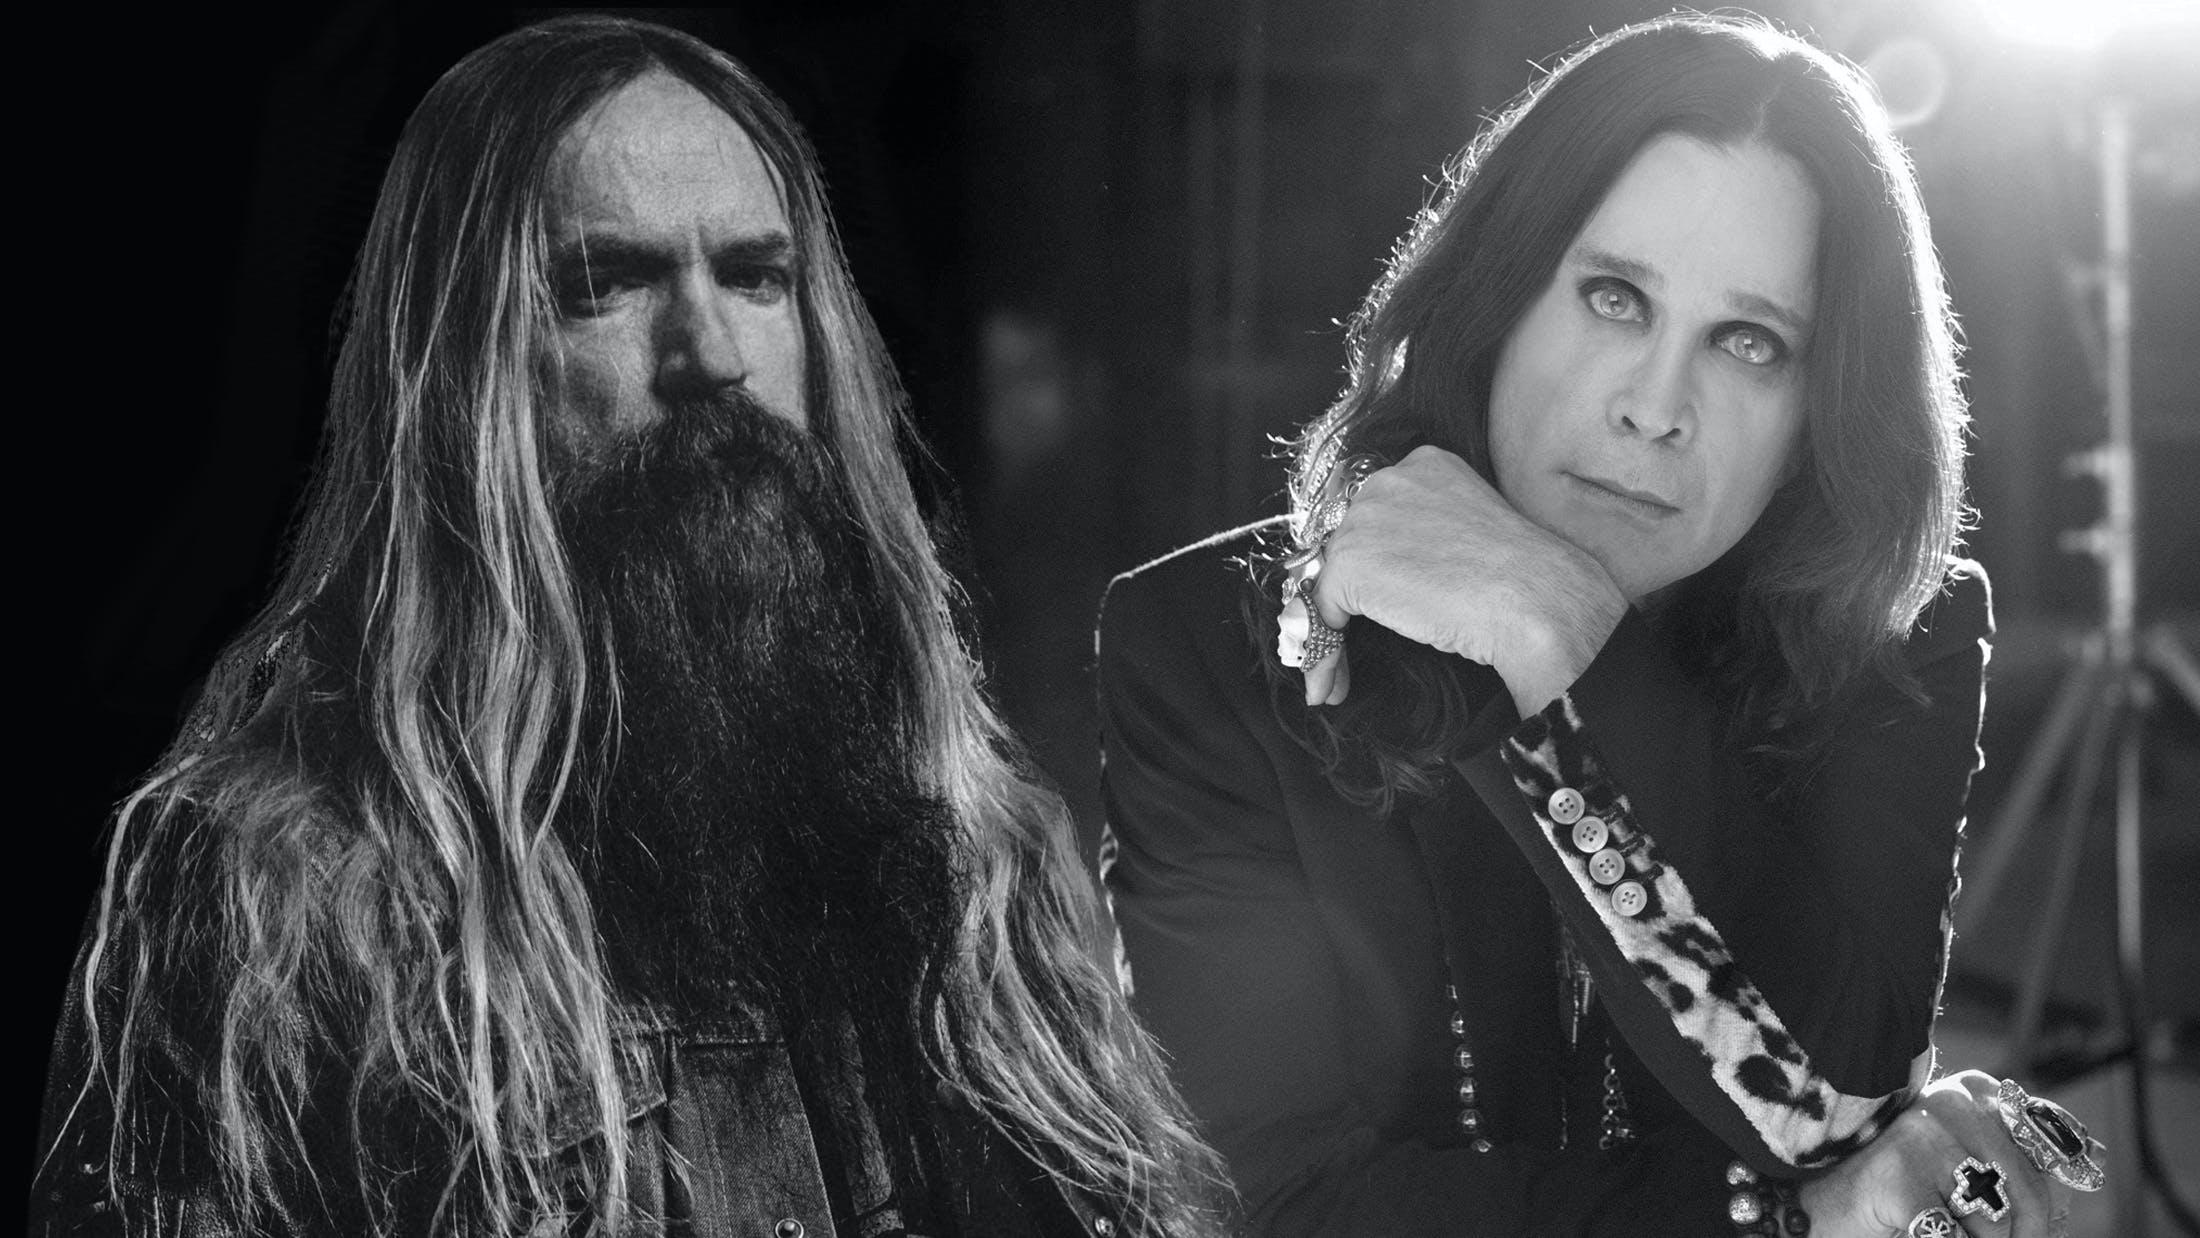 """Zakk Wylde Provides Update On Ozzy Osbourne: """"He's Hard As Nails, Man!"""""""